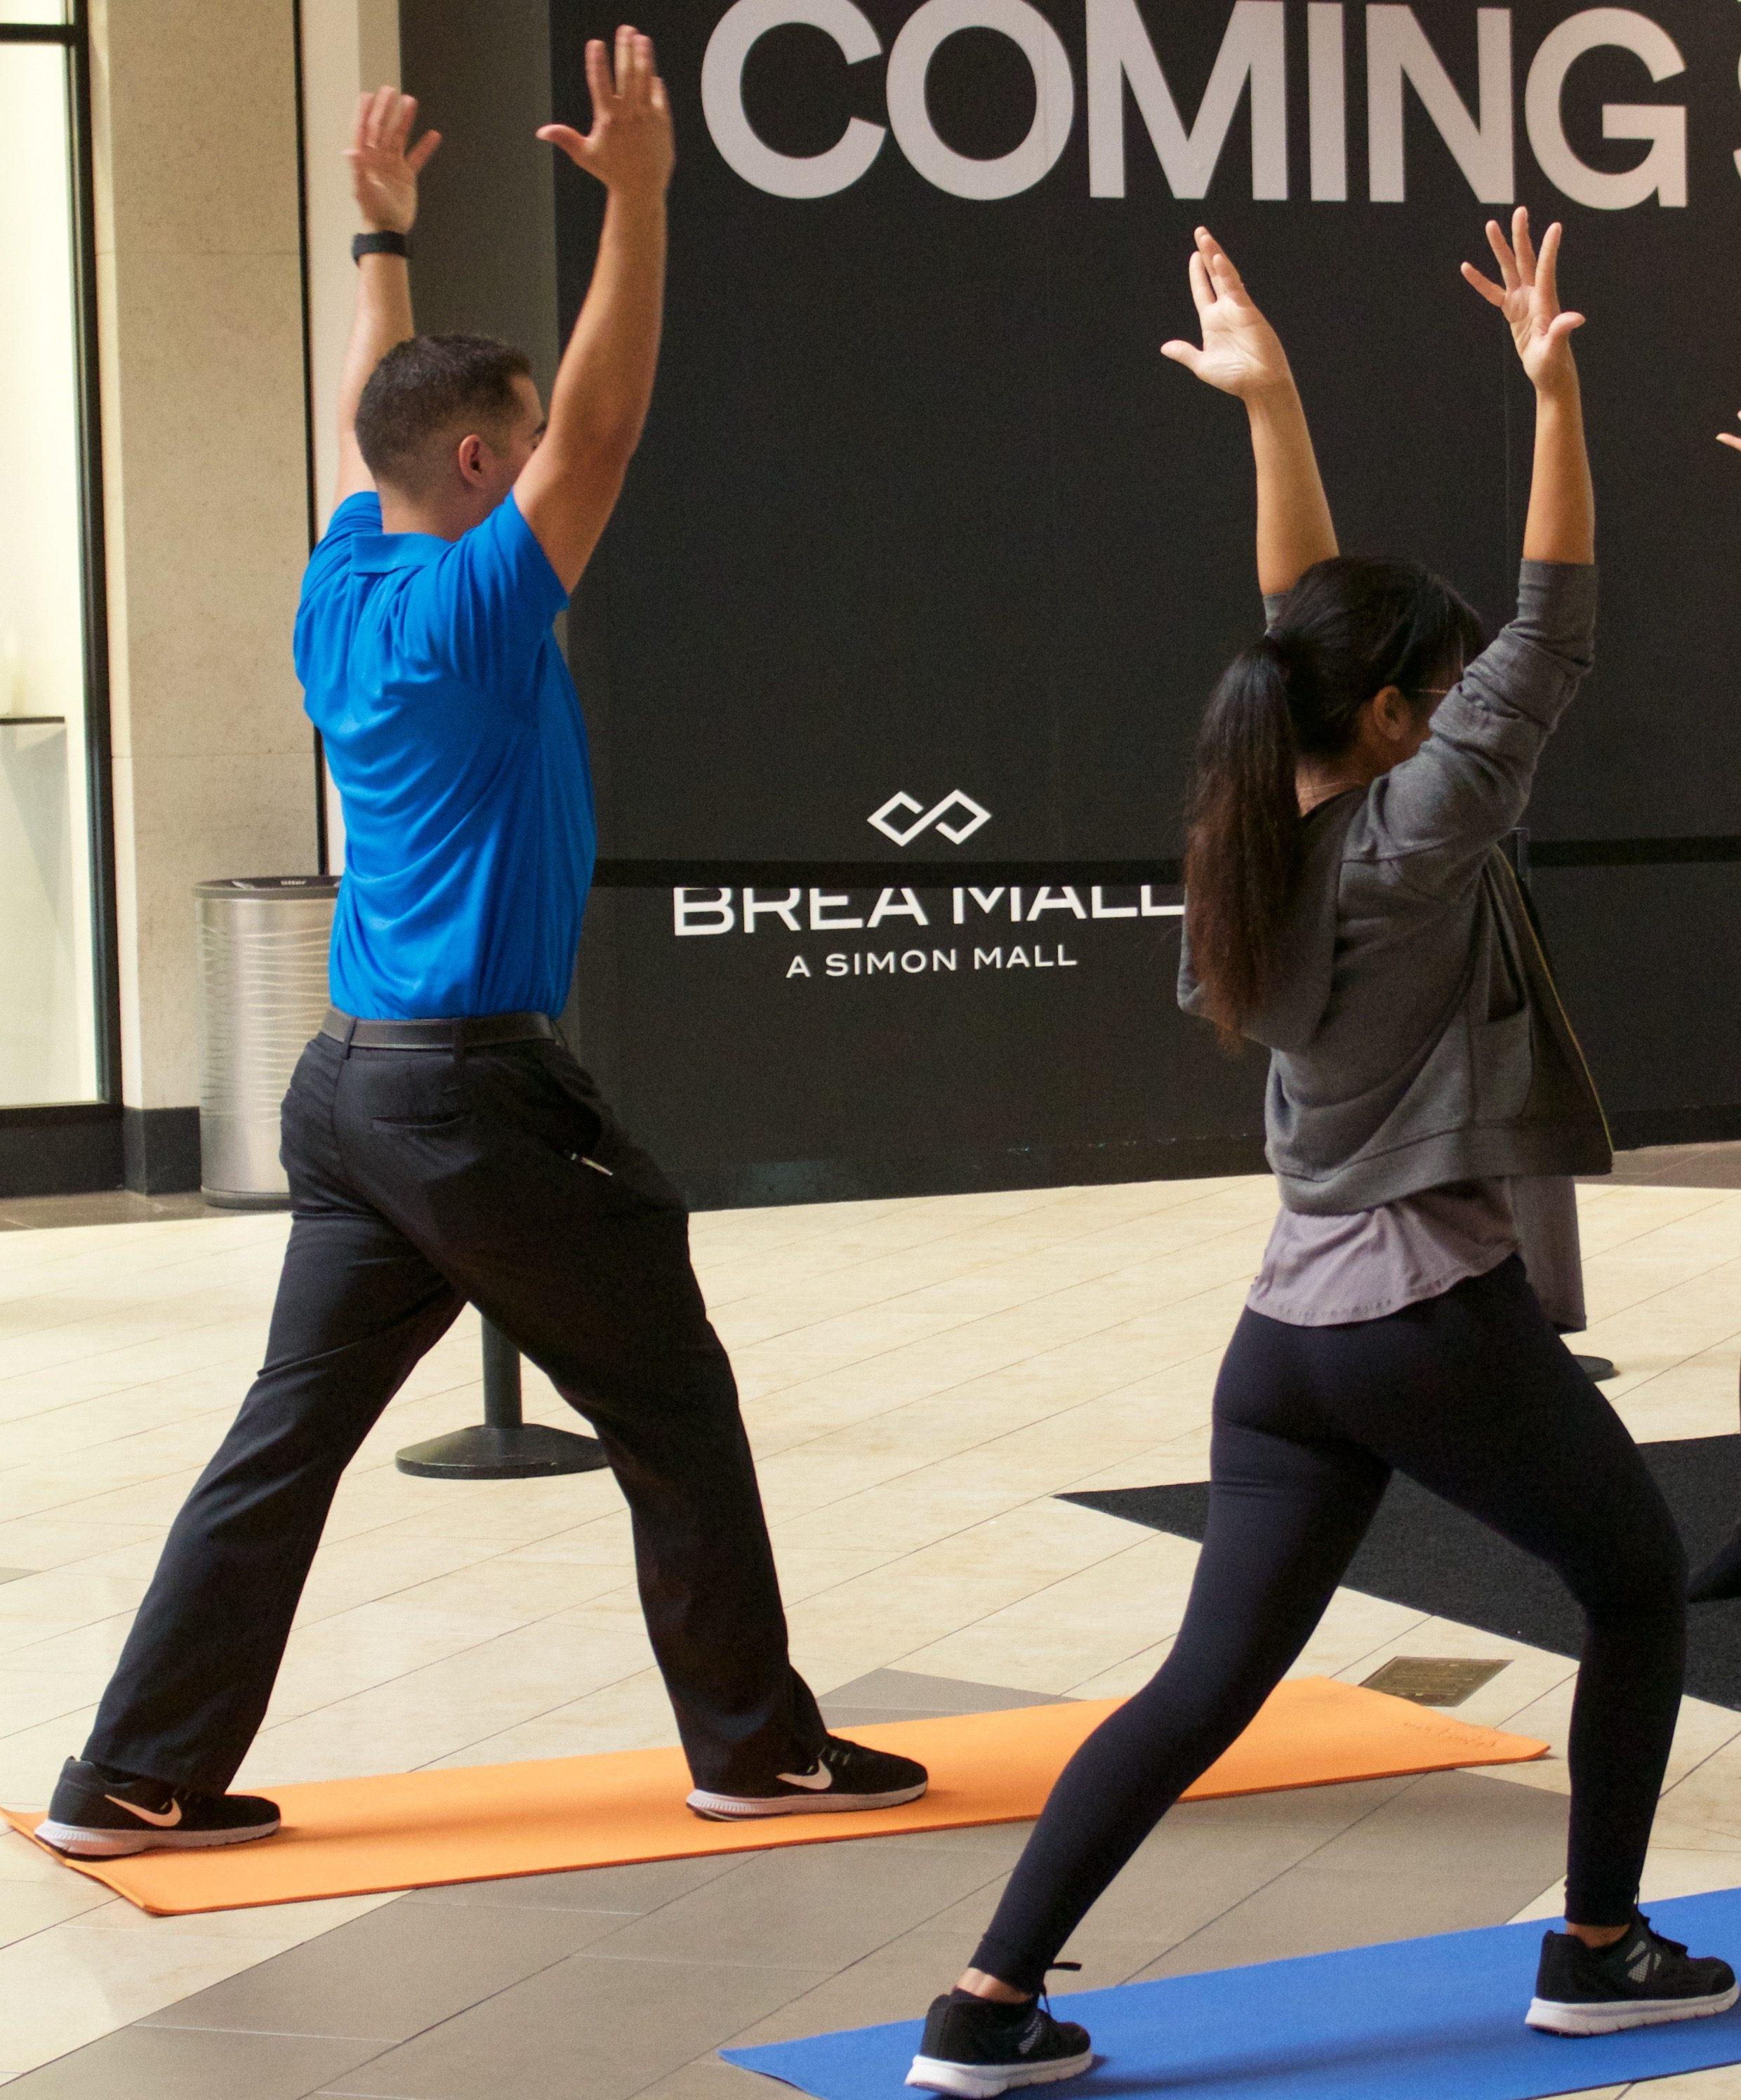 Fashion + Fitness Brea Mall